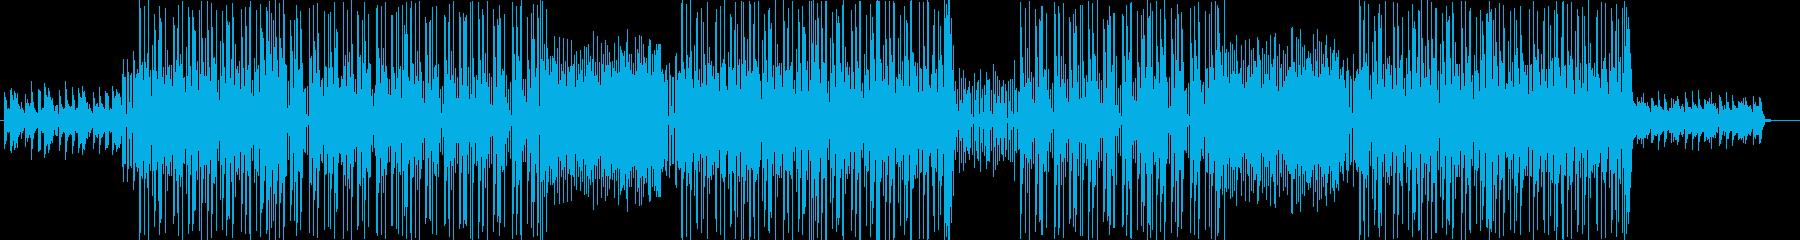 洋楽、POP ,Hiphopトラック♪の再生済みの波形